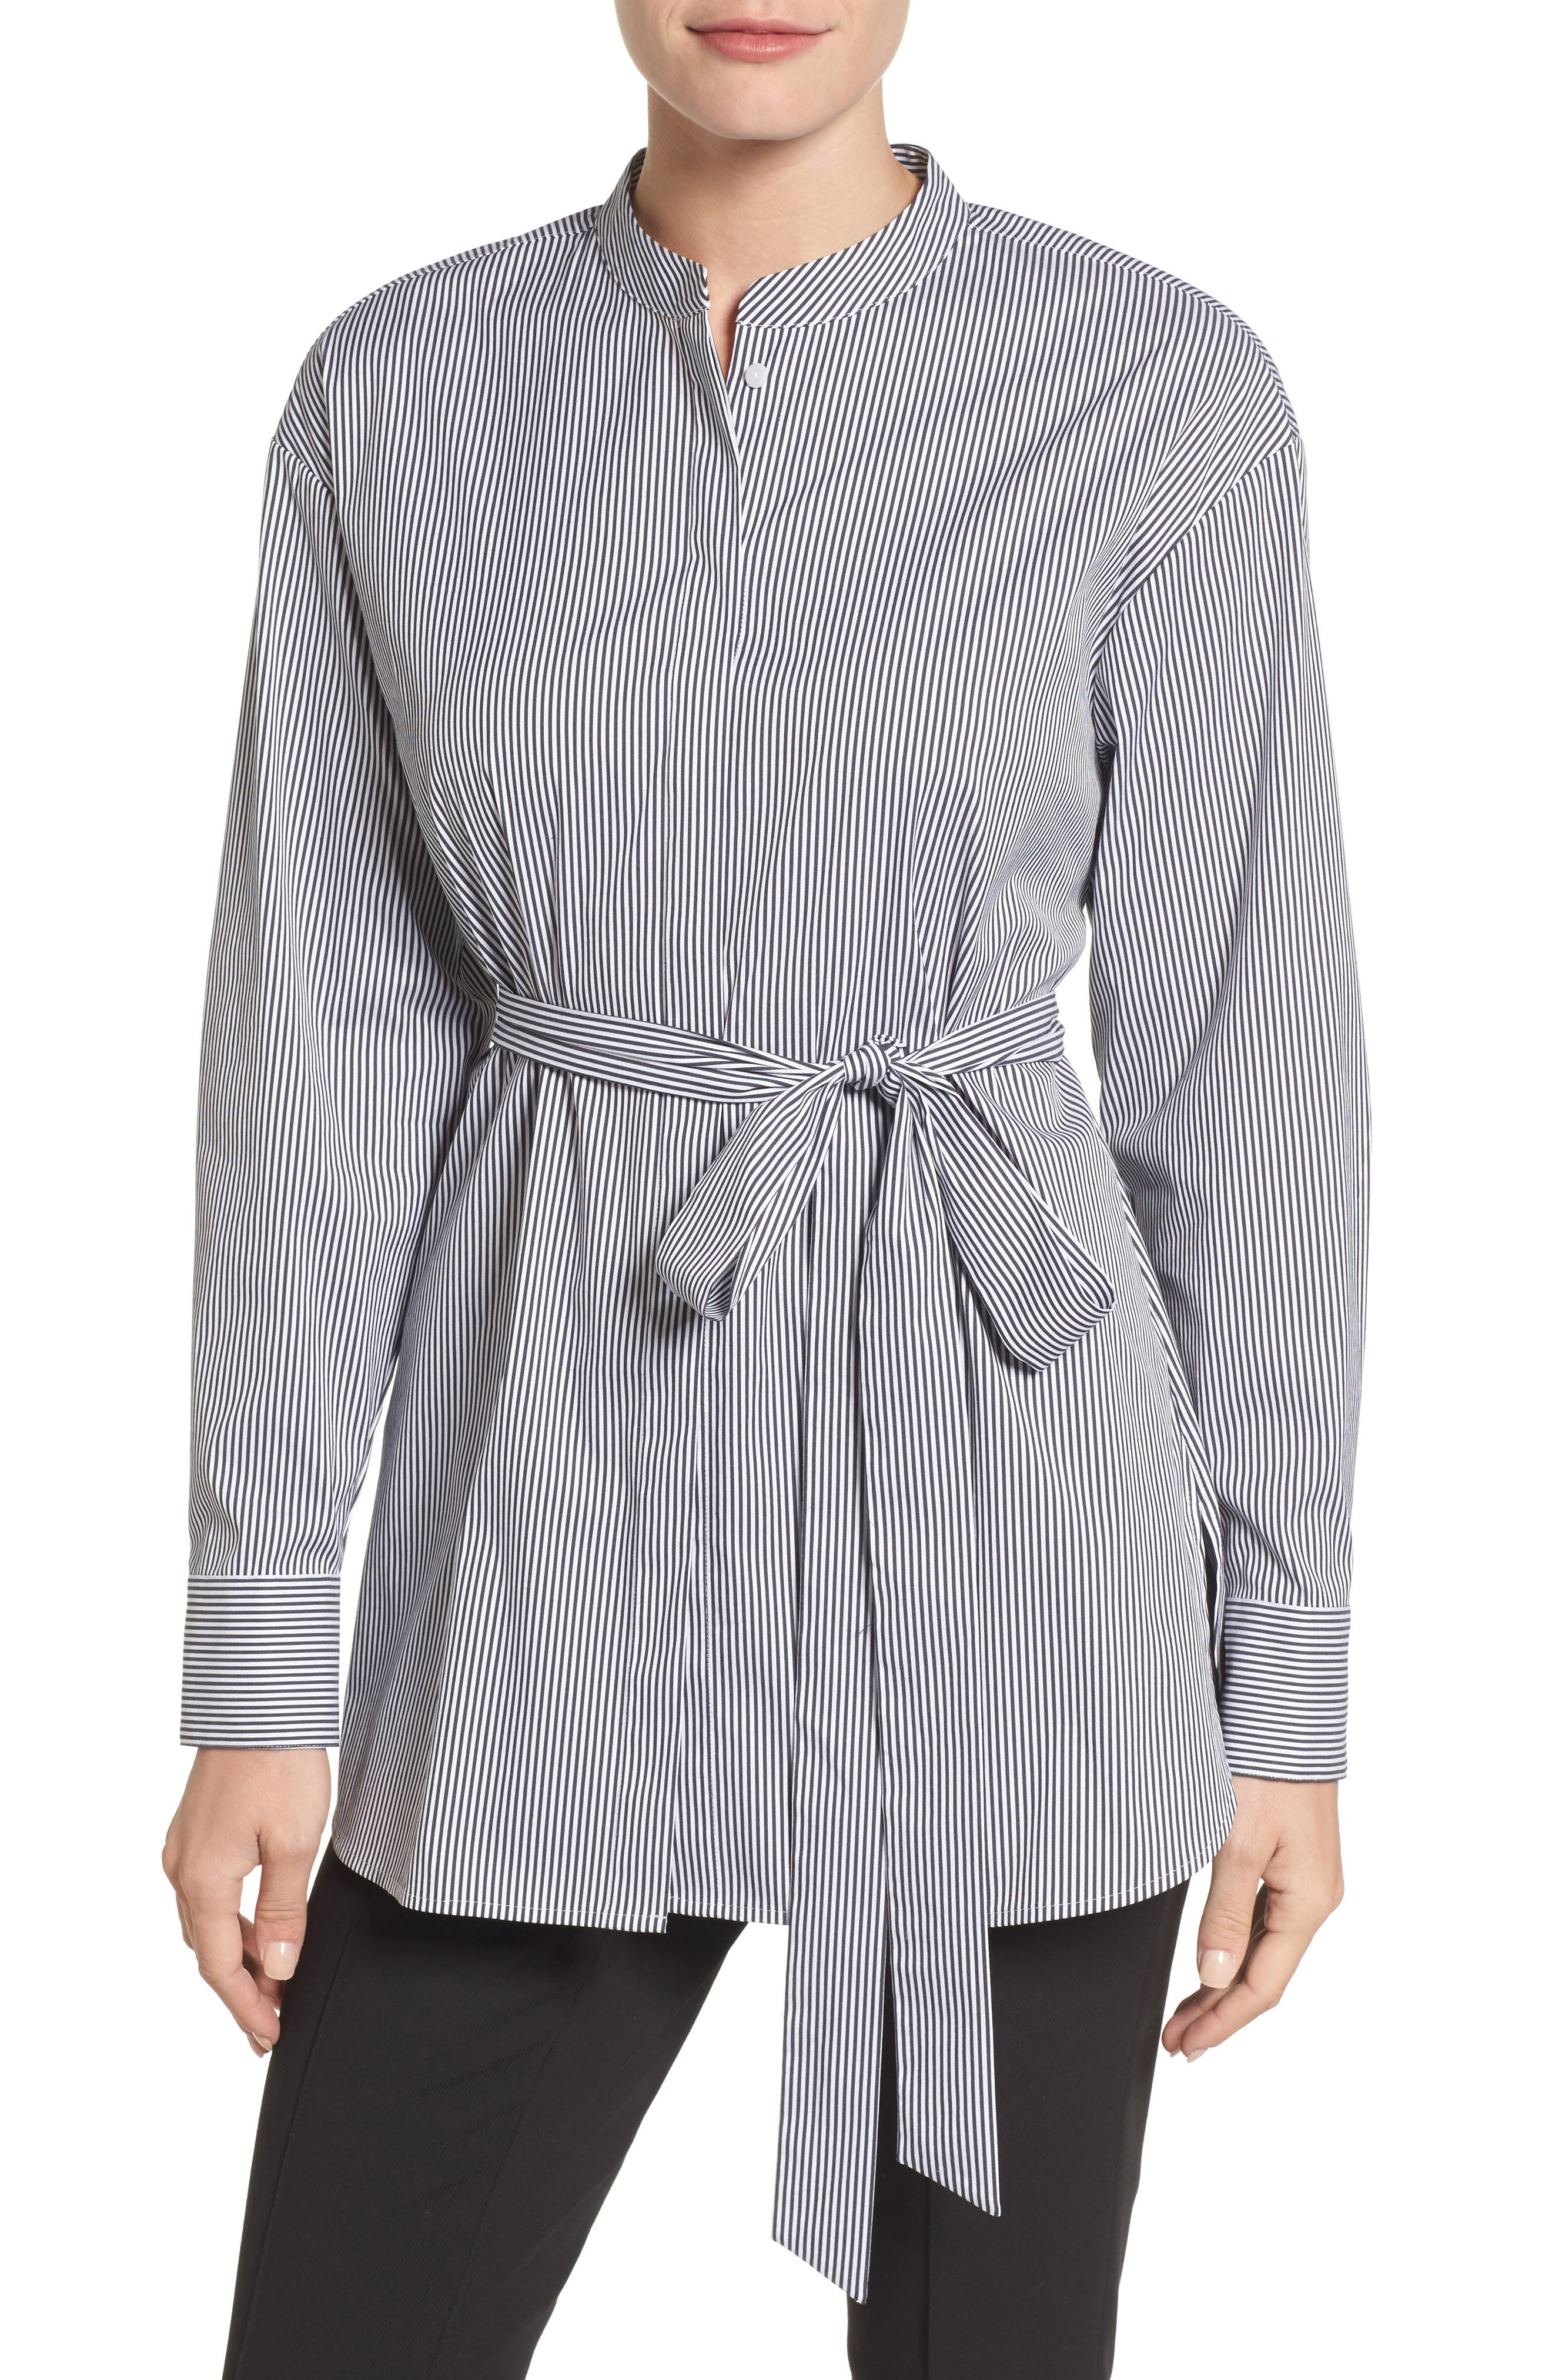 Alternate Image 1 Selected - Halogen® Belted Poplin Shirt (Regular & Petite)